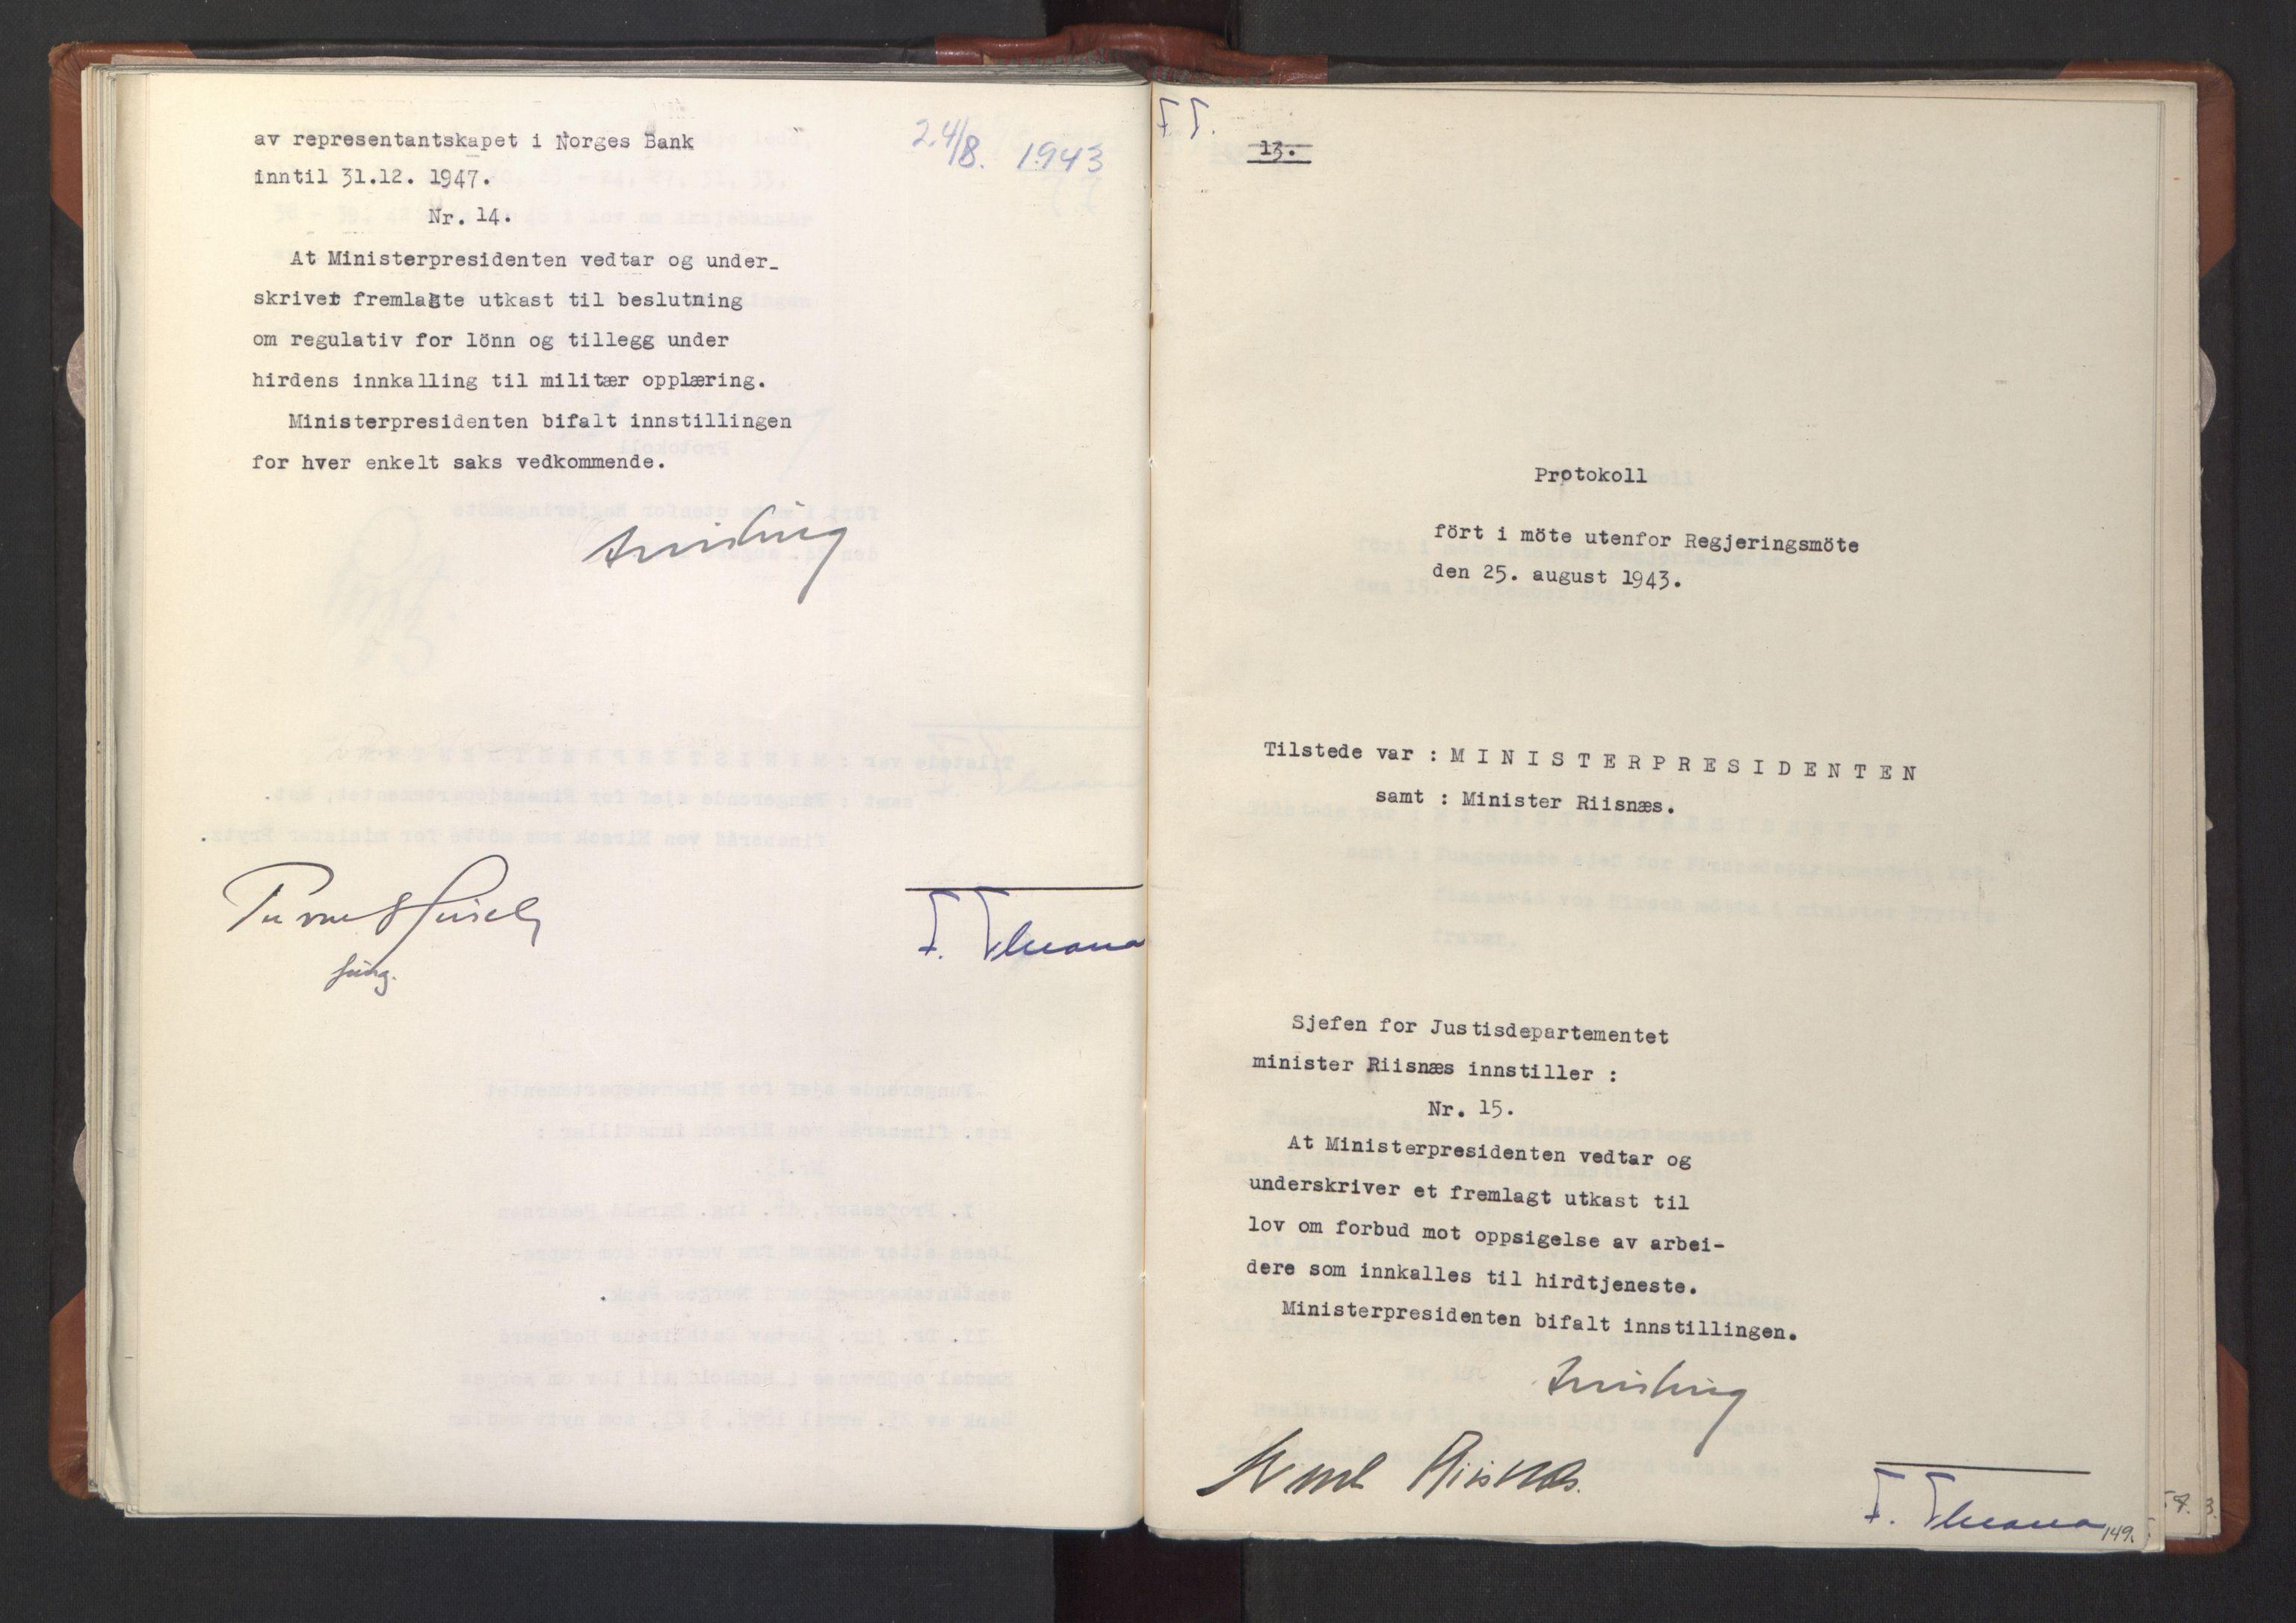 RA, NS-administrasjonen 1940-1945 (Statsrådsekretariatet, de kommisariske statsråder mm), D/Da/L0003: Vedtak (Beslutninger) nr. 1-746 og tillegg nr. 1-47 (RA. j.nr. 1394/1944, tilgangsnr. 8/1944, 1943, s. 148b-149a